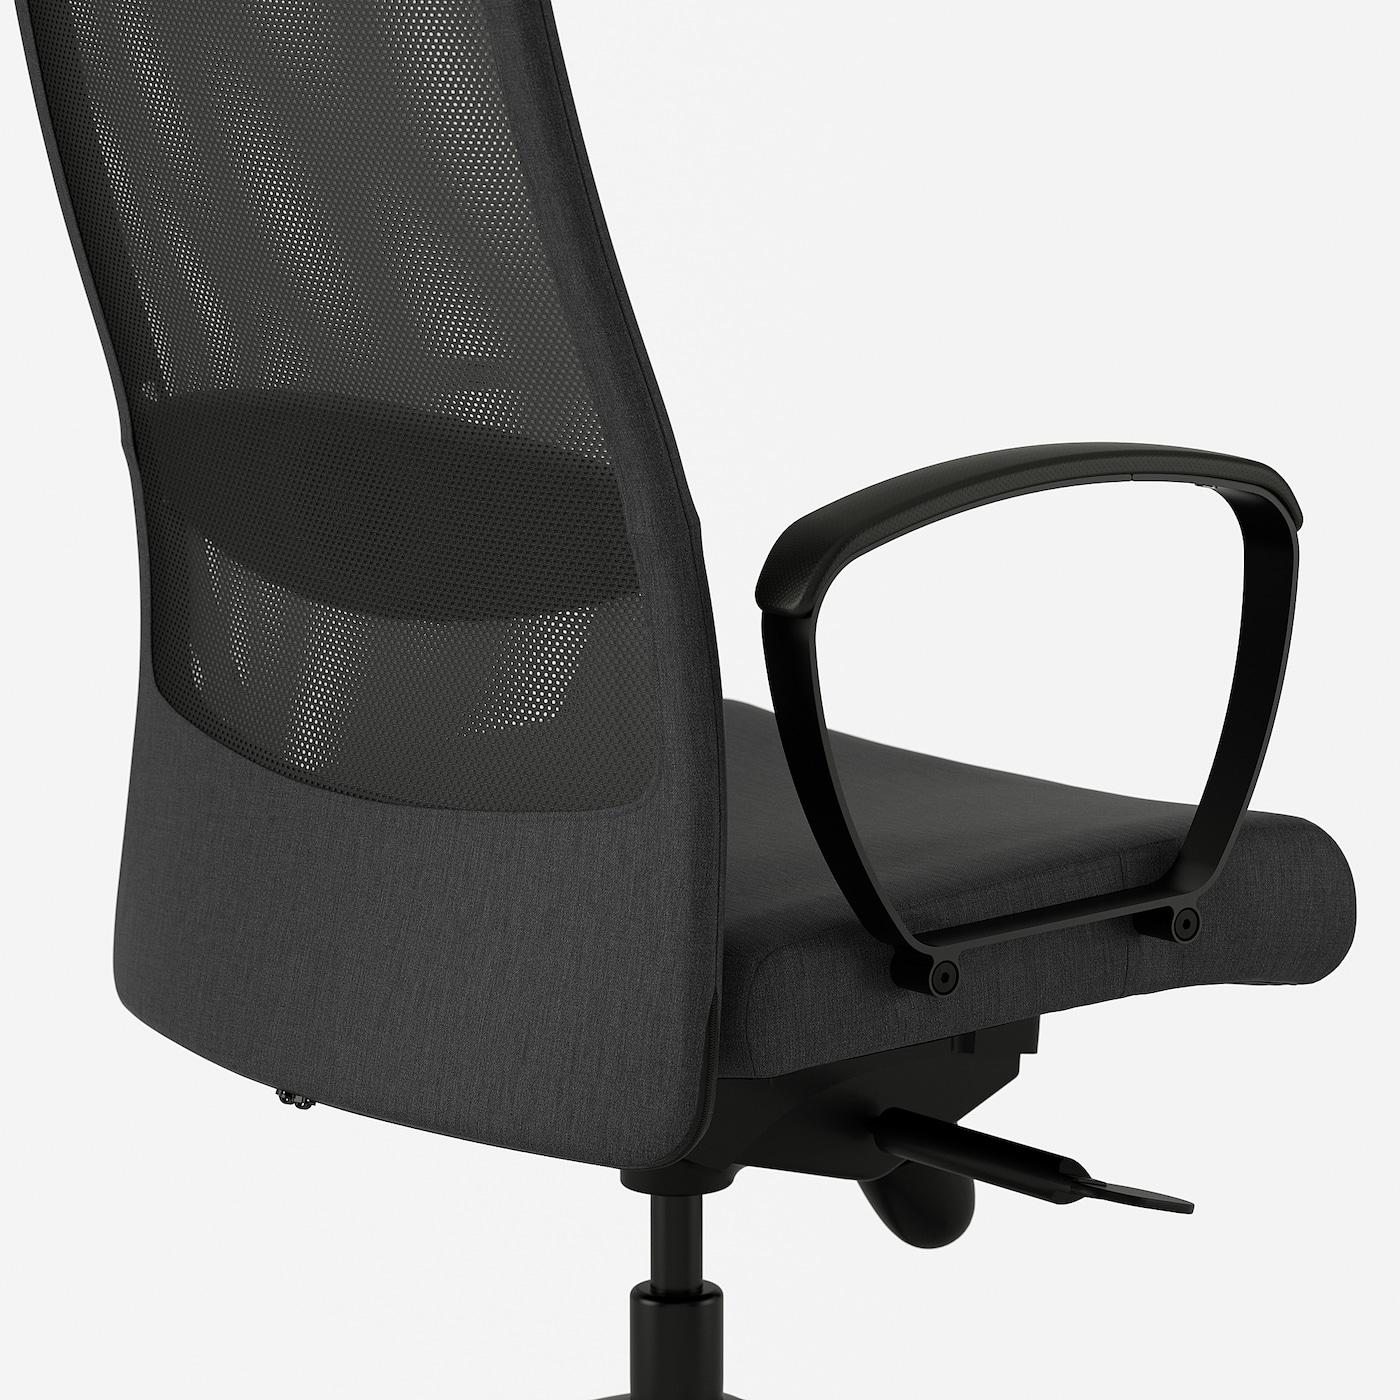 МАРКУС офісний стілець ВІССЛЕ темно-сірий 110 кг 62 см 60 см 129 см 140 см 53 см 47 см 46 см 57 см